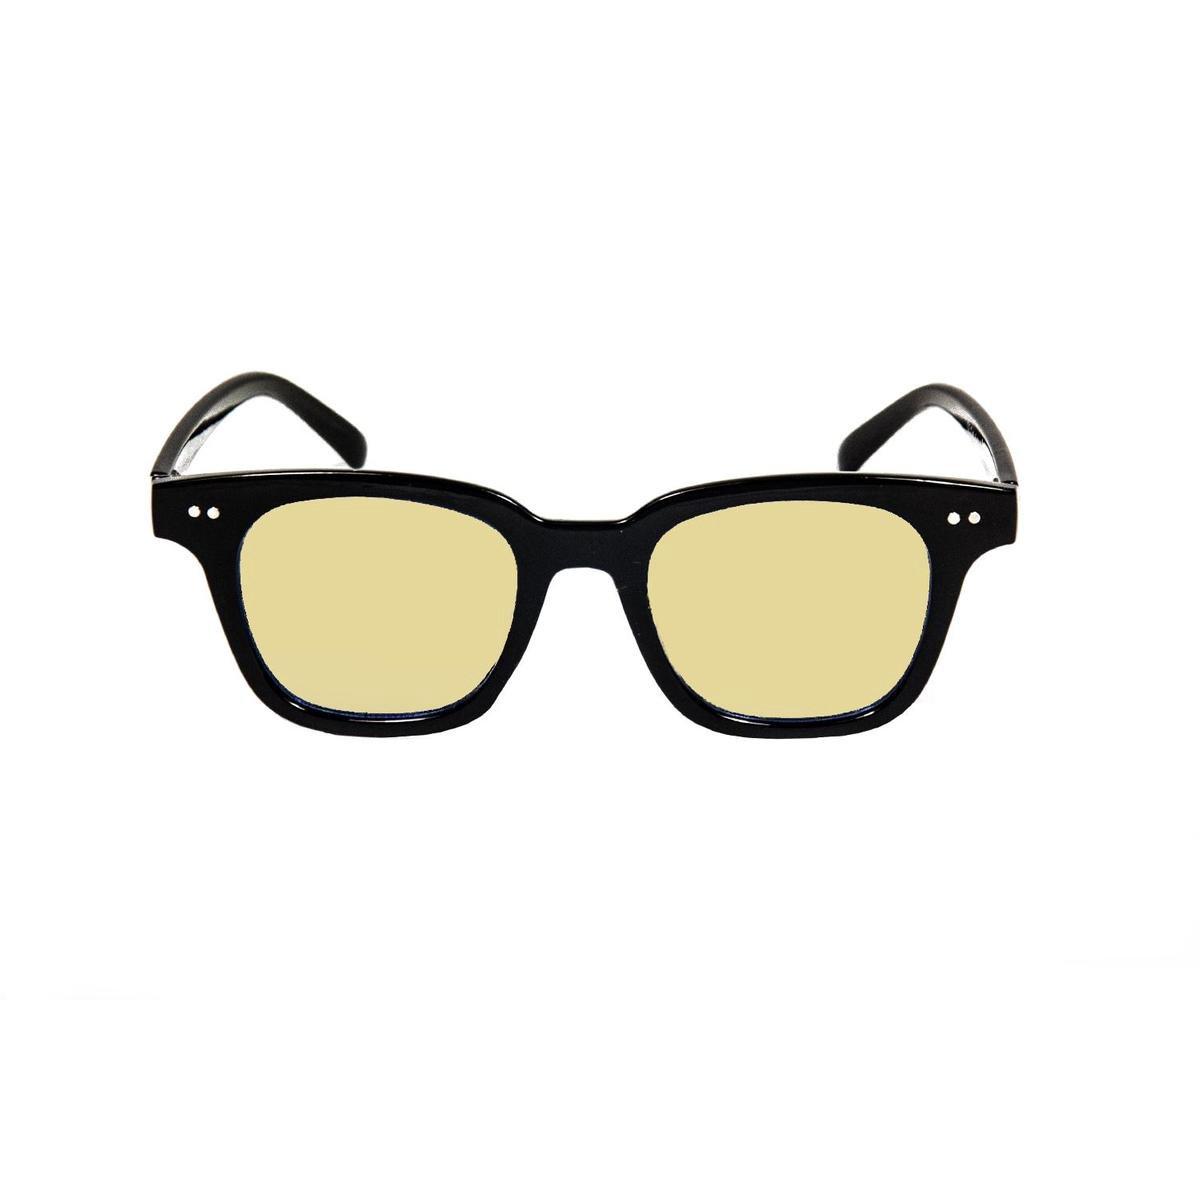 Ocean Sunglasses - SOHO - Unisex Zonnebril Zwart - Ocean Sunglasses